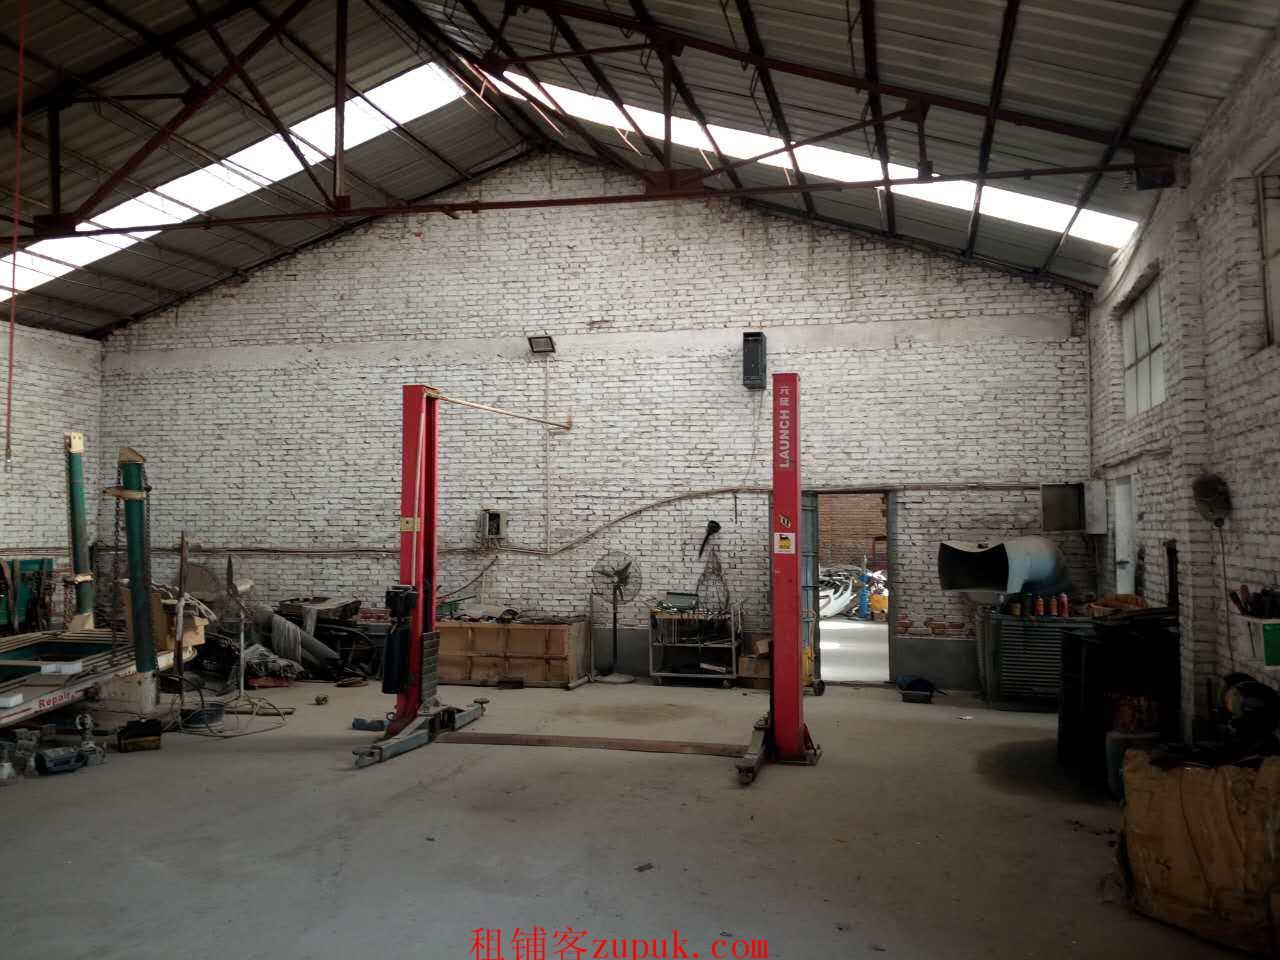 急租长安土贤庄仓库有修车设备也可做厂房价格便宜